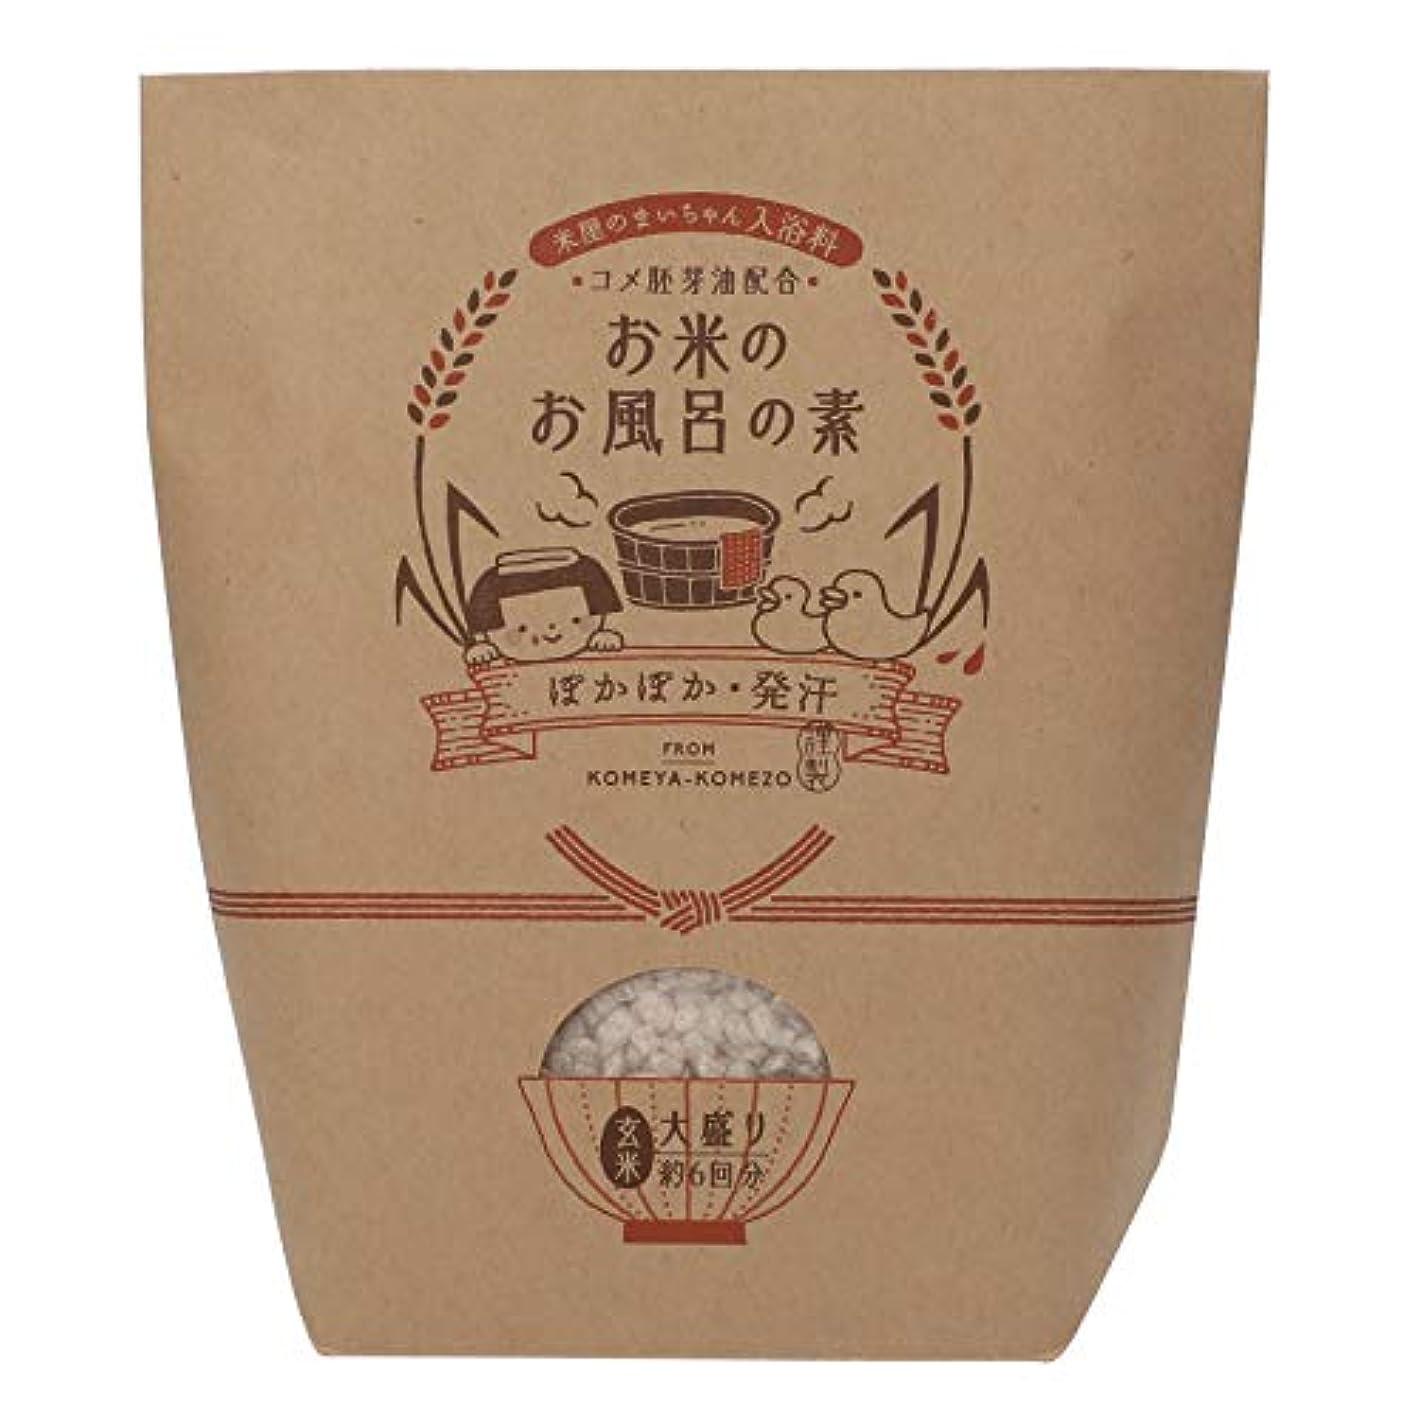 米屋のまいちゃん家の逸品 お米のお風呂の素 大盛り(発汗) 入浴剤 142mm×55mm×156mm